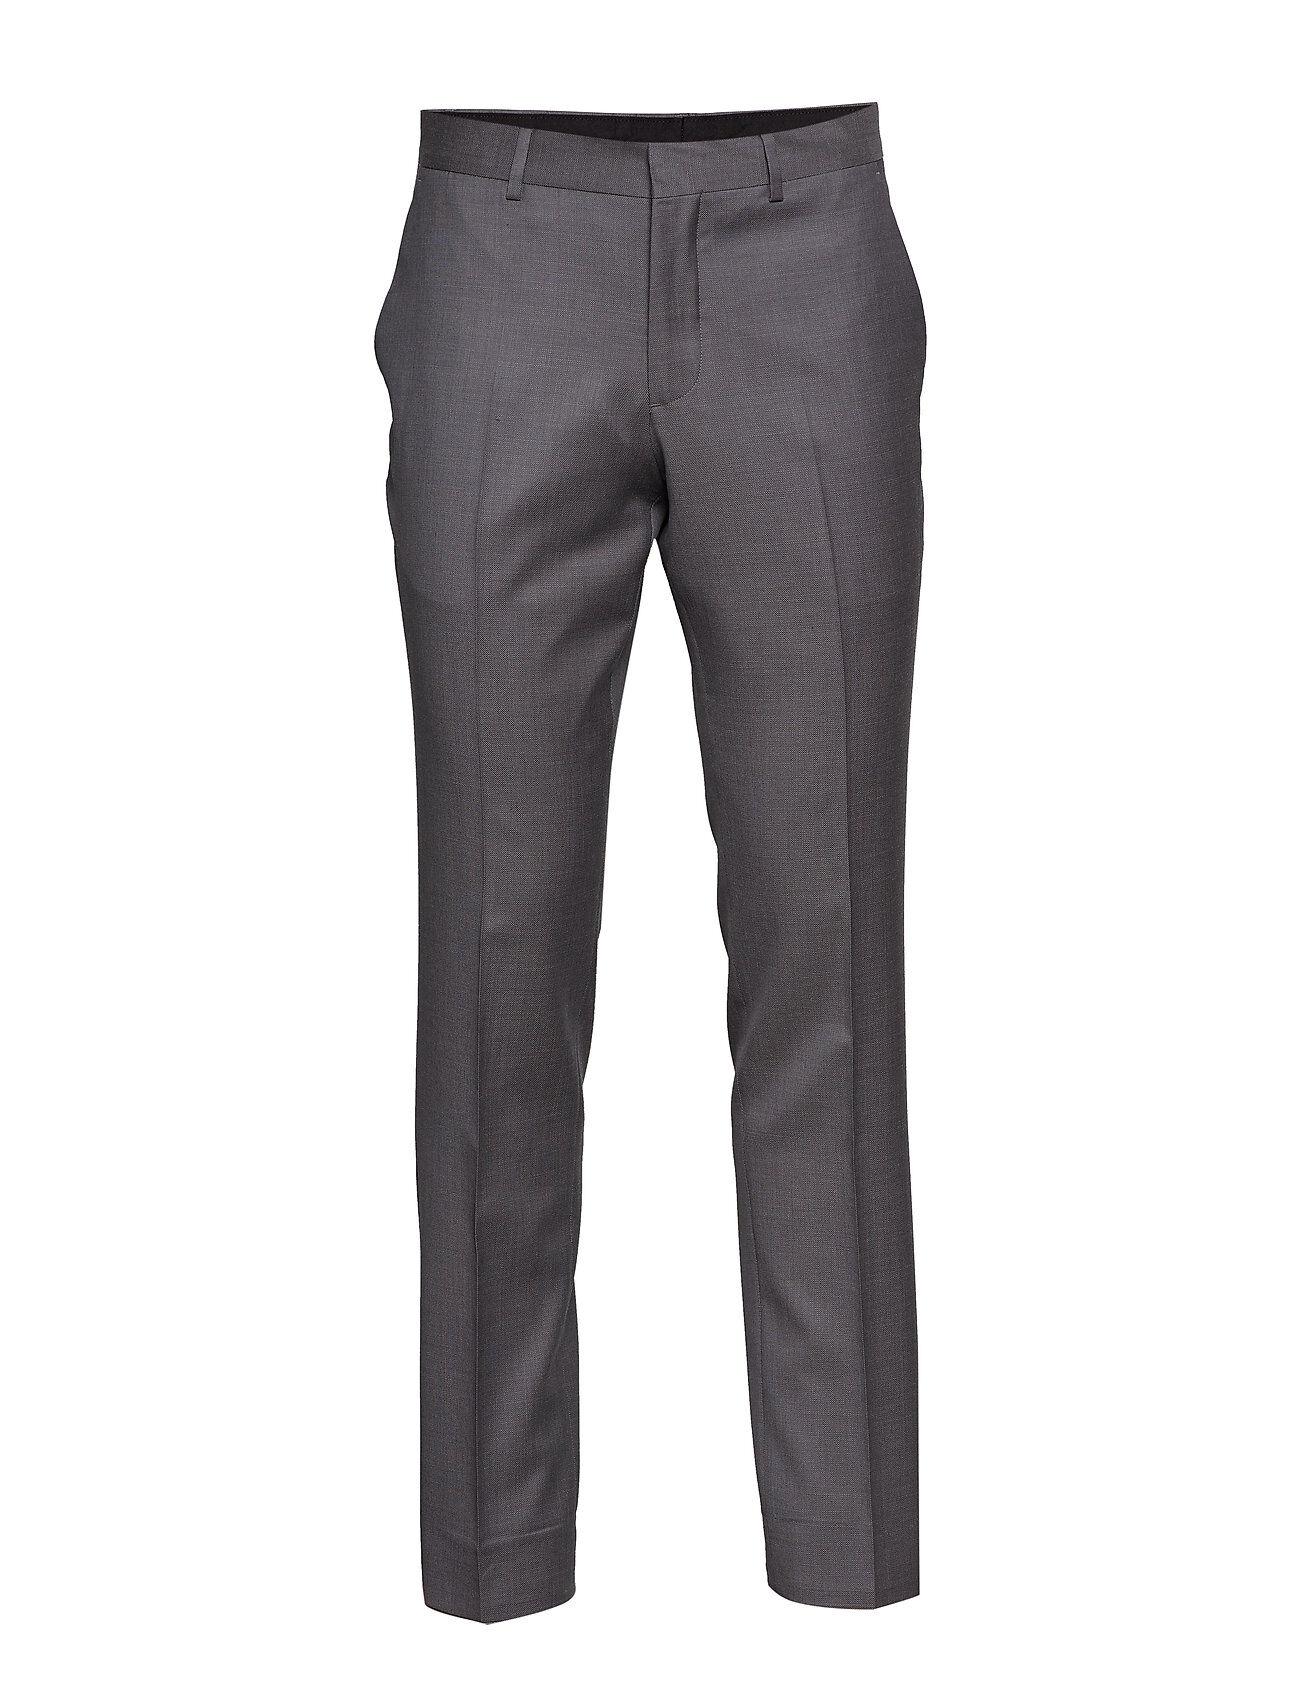 Lindbergh Super 120s Pants